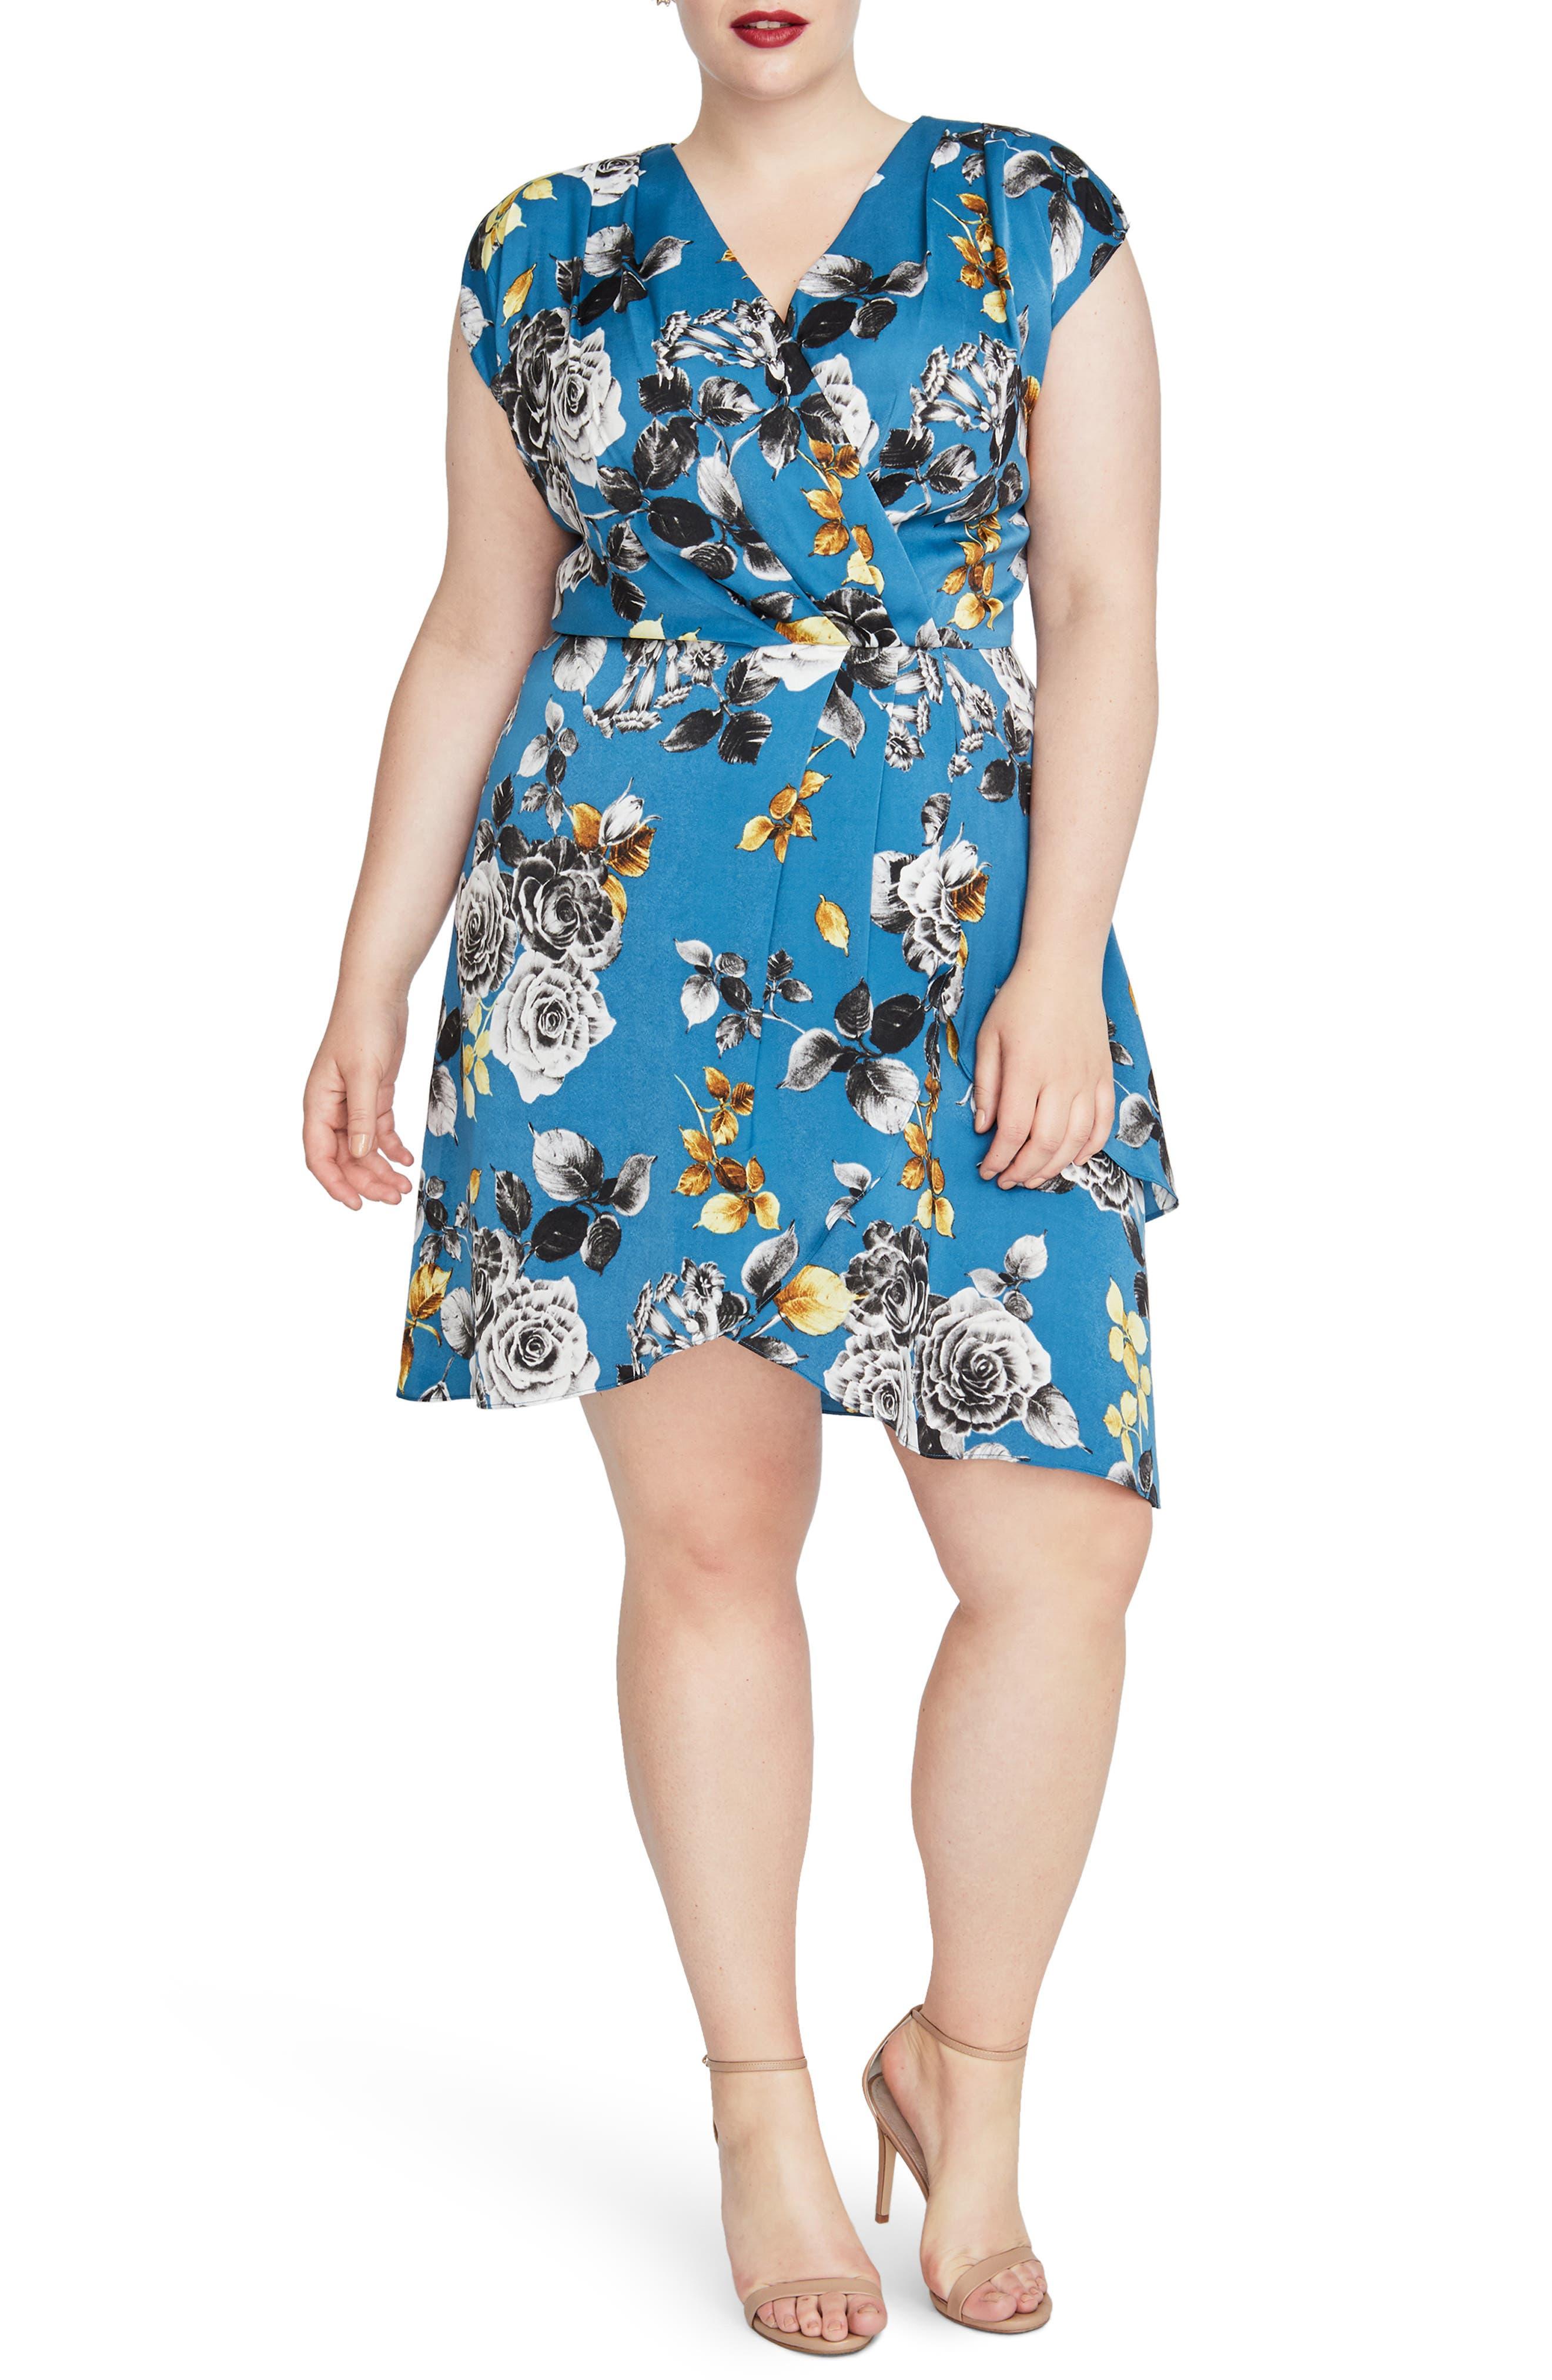 Pierce Floral Dress,                             Main thumbnail 1, color,                             TEAL BLUE COMBO